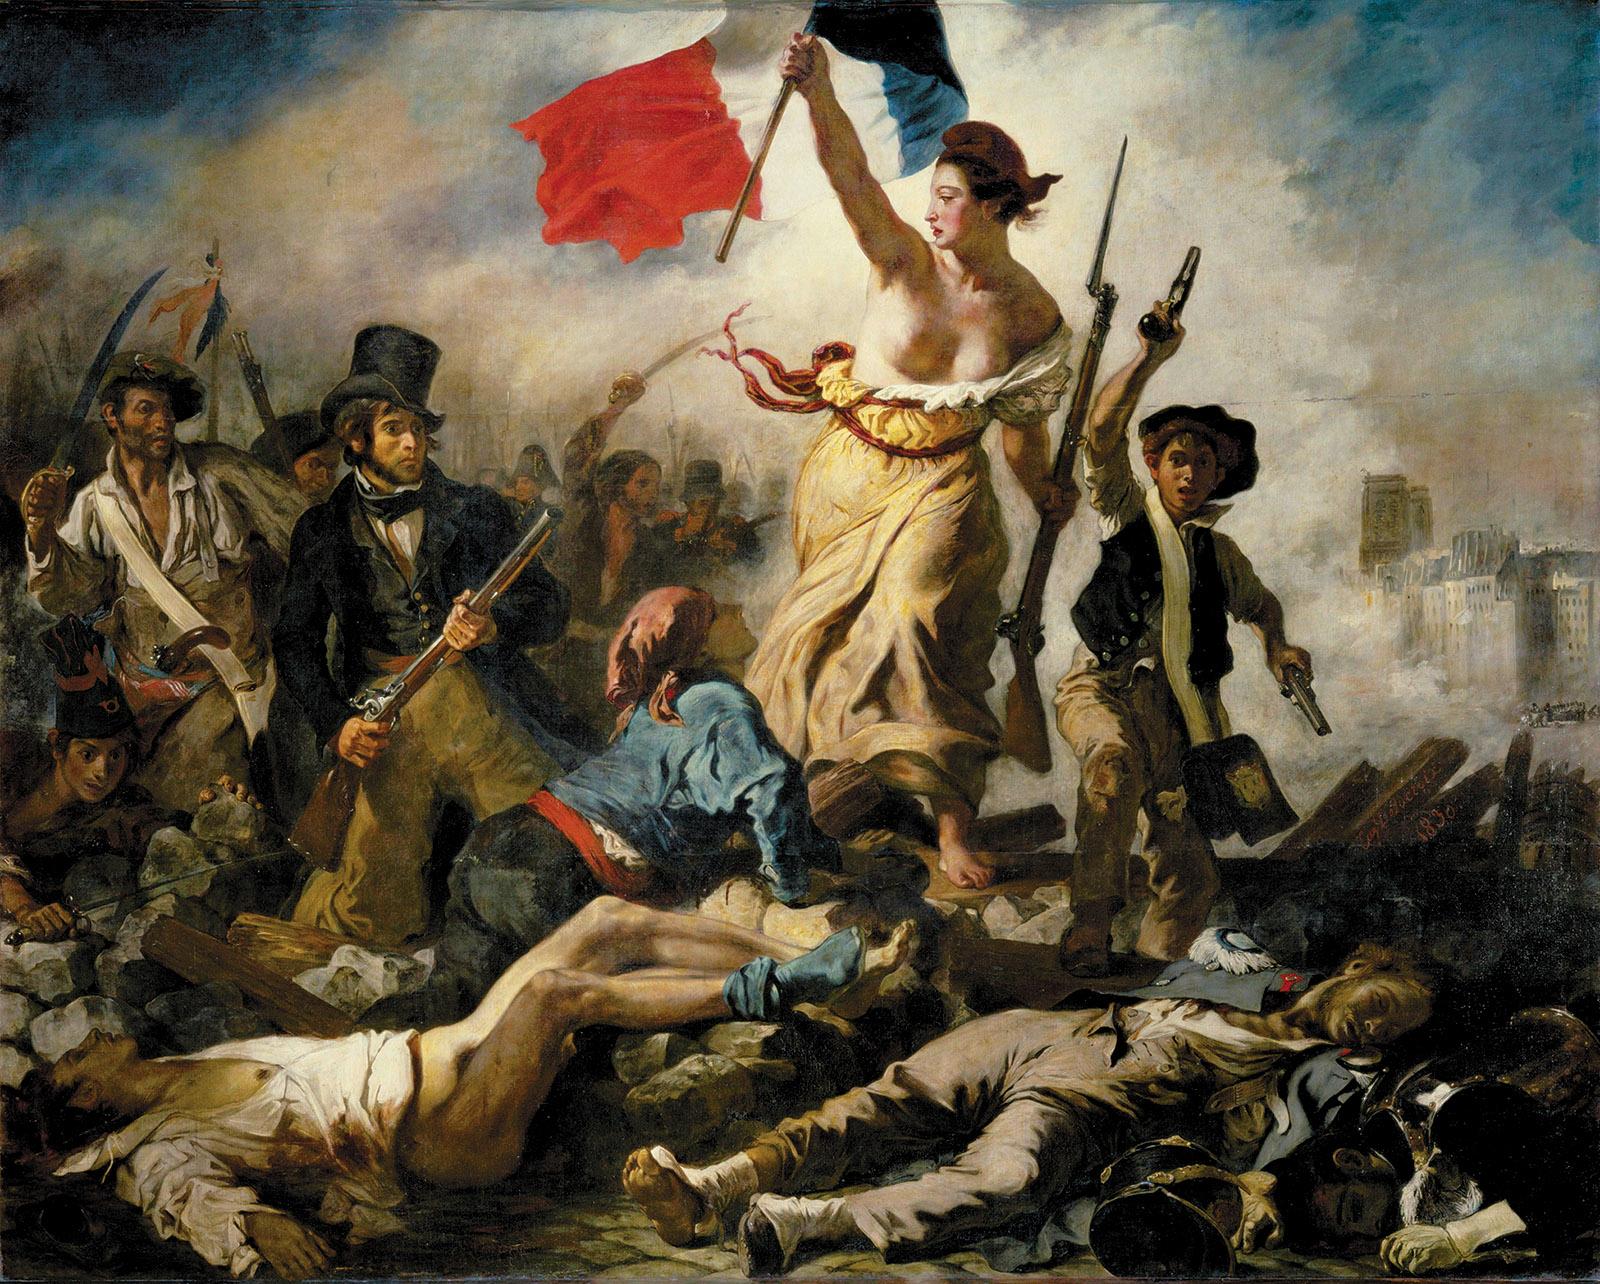 Eugène Delacroix: Liberty Leading the People, 1830